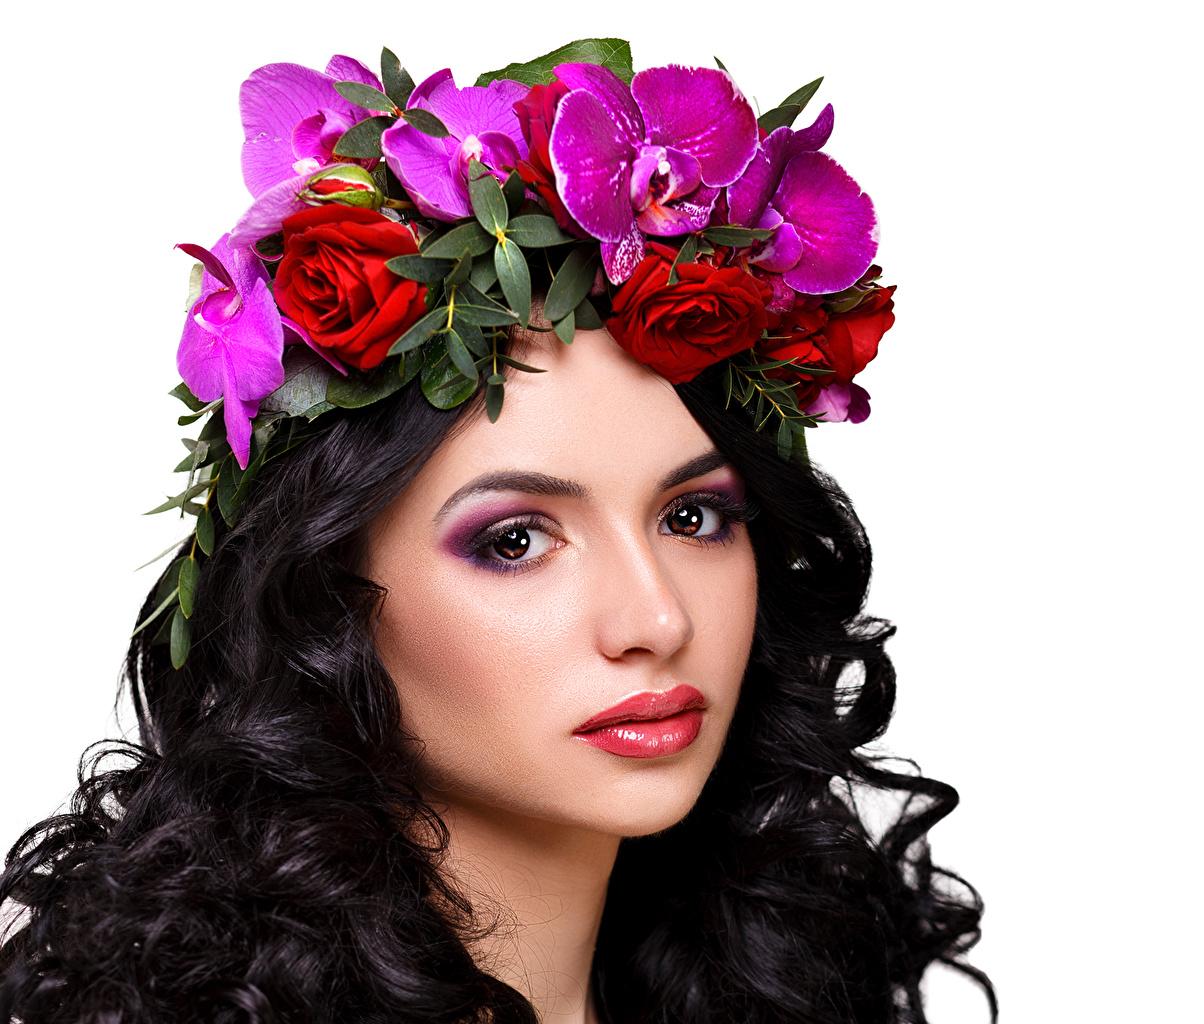 Fonds D Ecran Roses Cheveux Noirs Fille Visage Cheveux Voir Fond